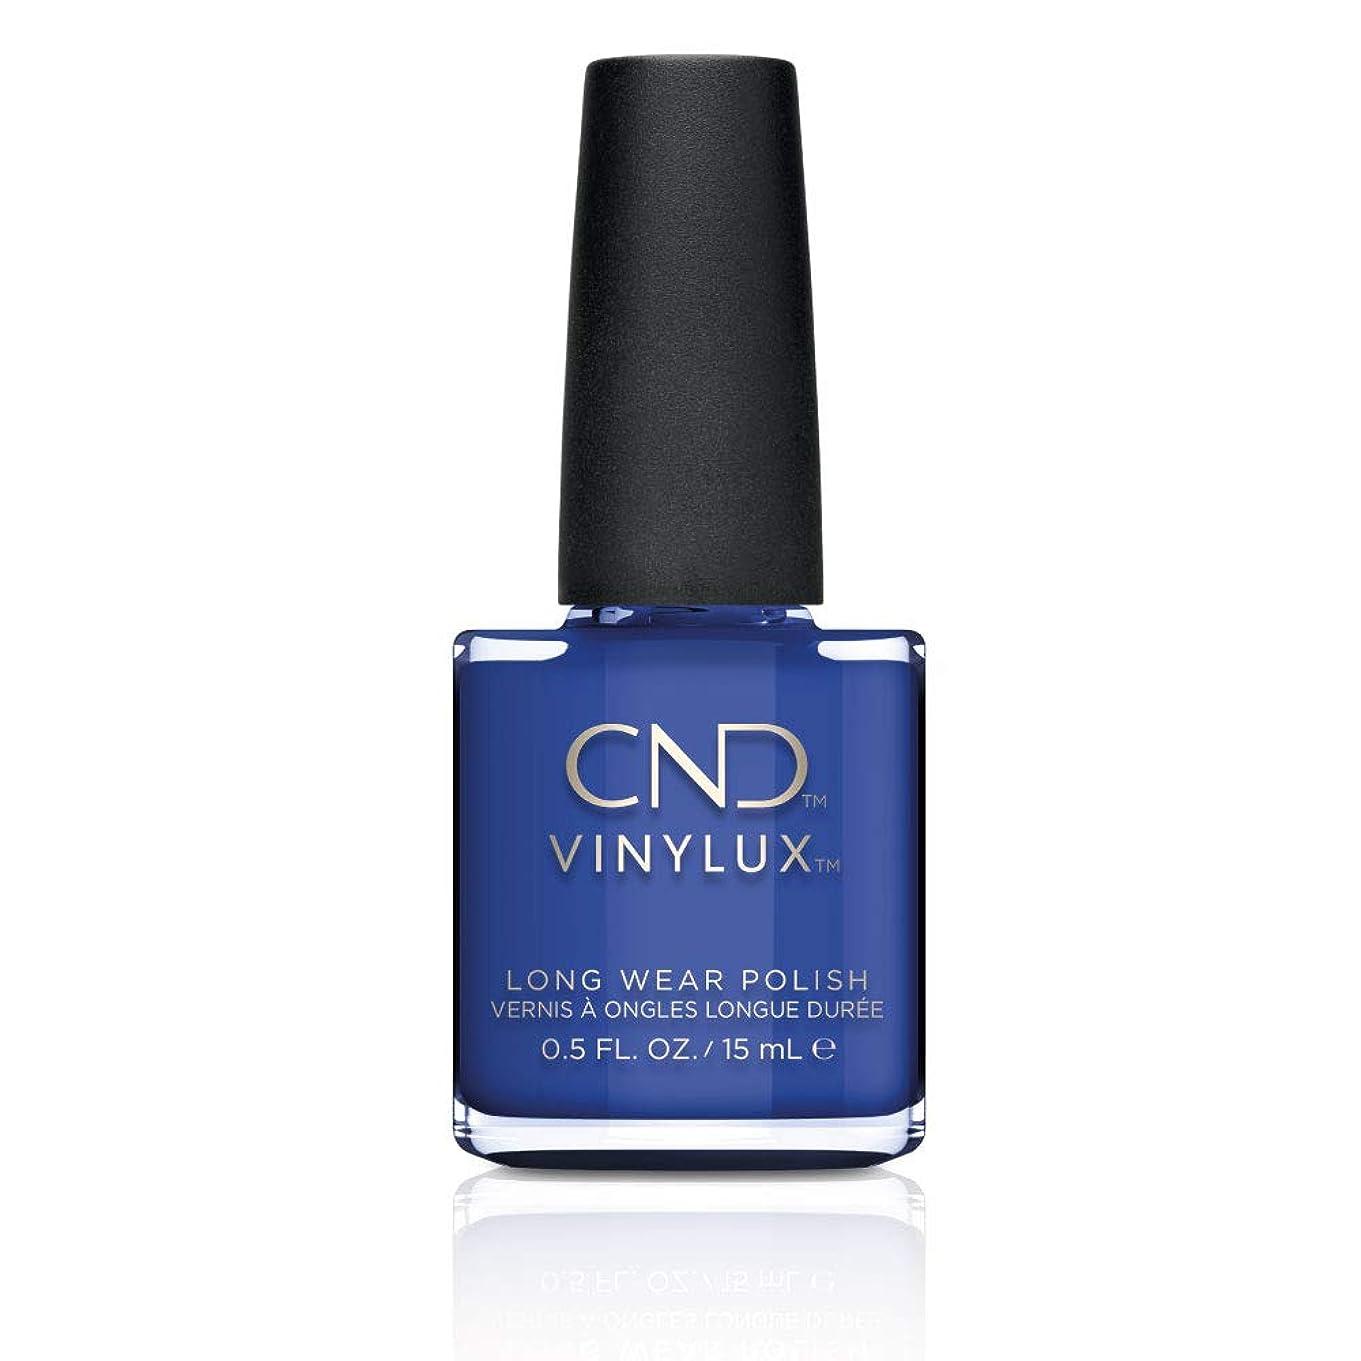 魂緯度真面目なCND(シーエヌディー) バイナラクス ウィークリーポリッシュ 238 ブルーアイシャドウ 15ml